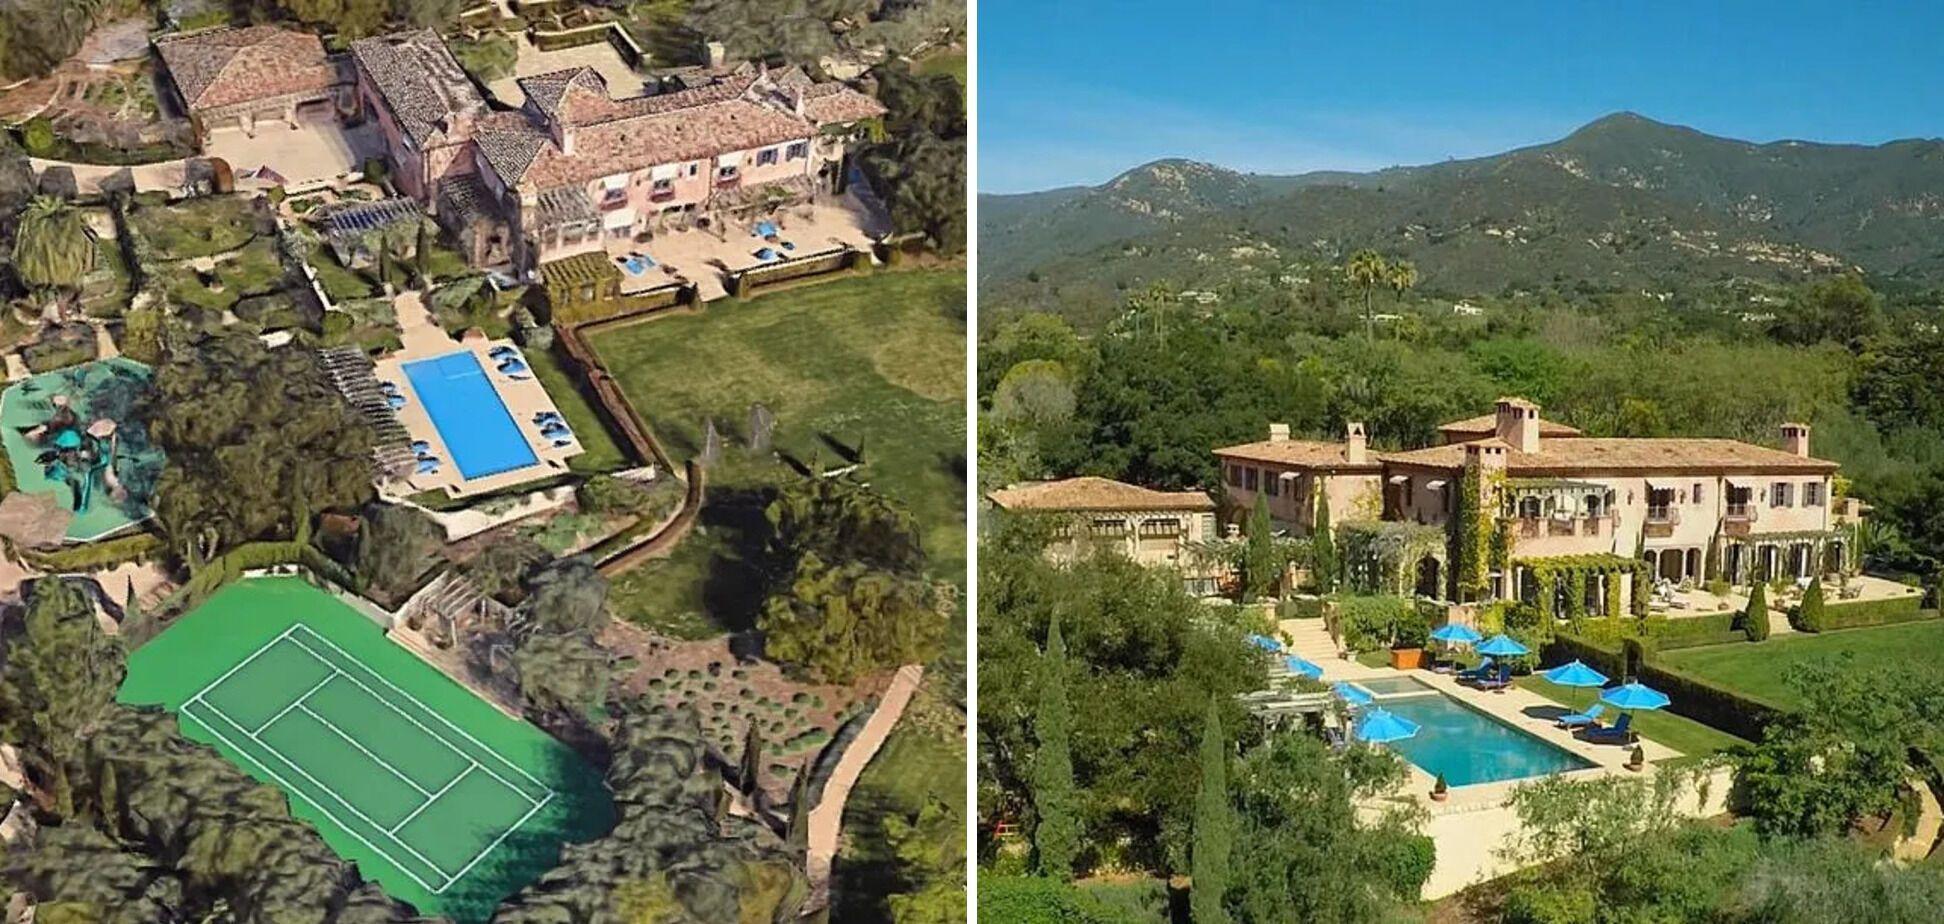 Принц Гаррі і його дружина Меган Маркл мають великий маєток у Каліфорнії